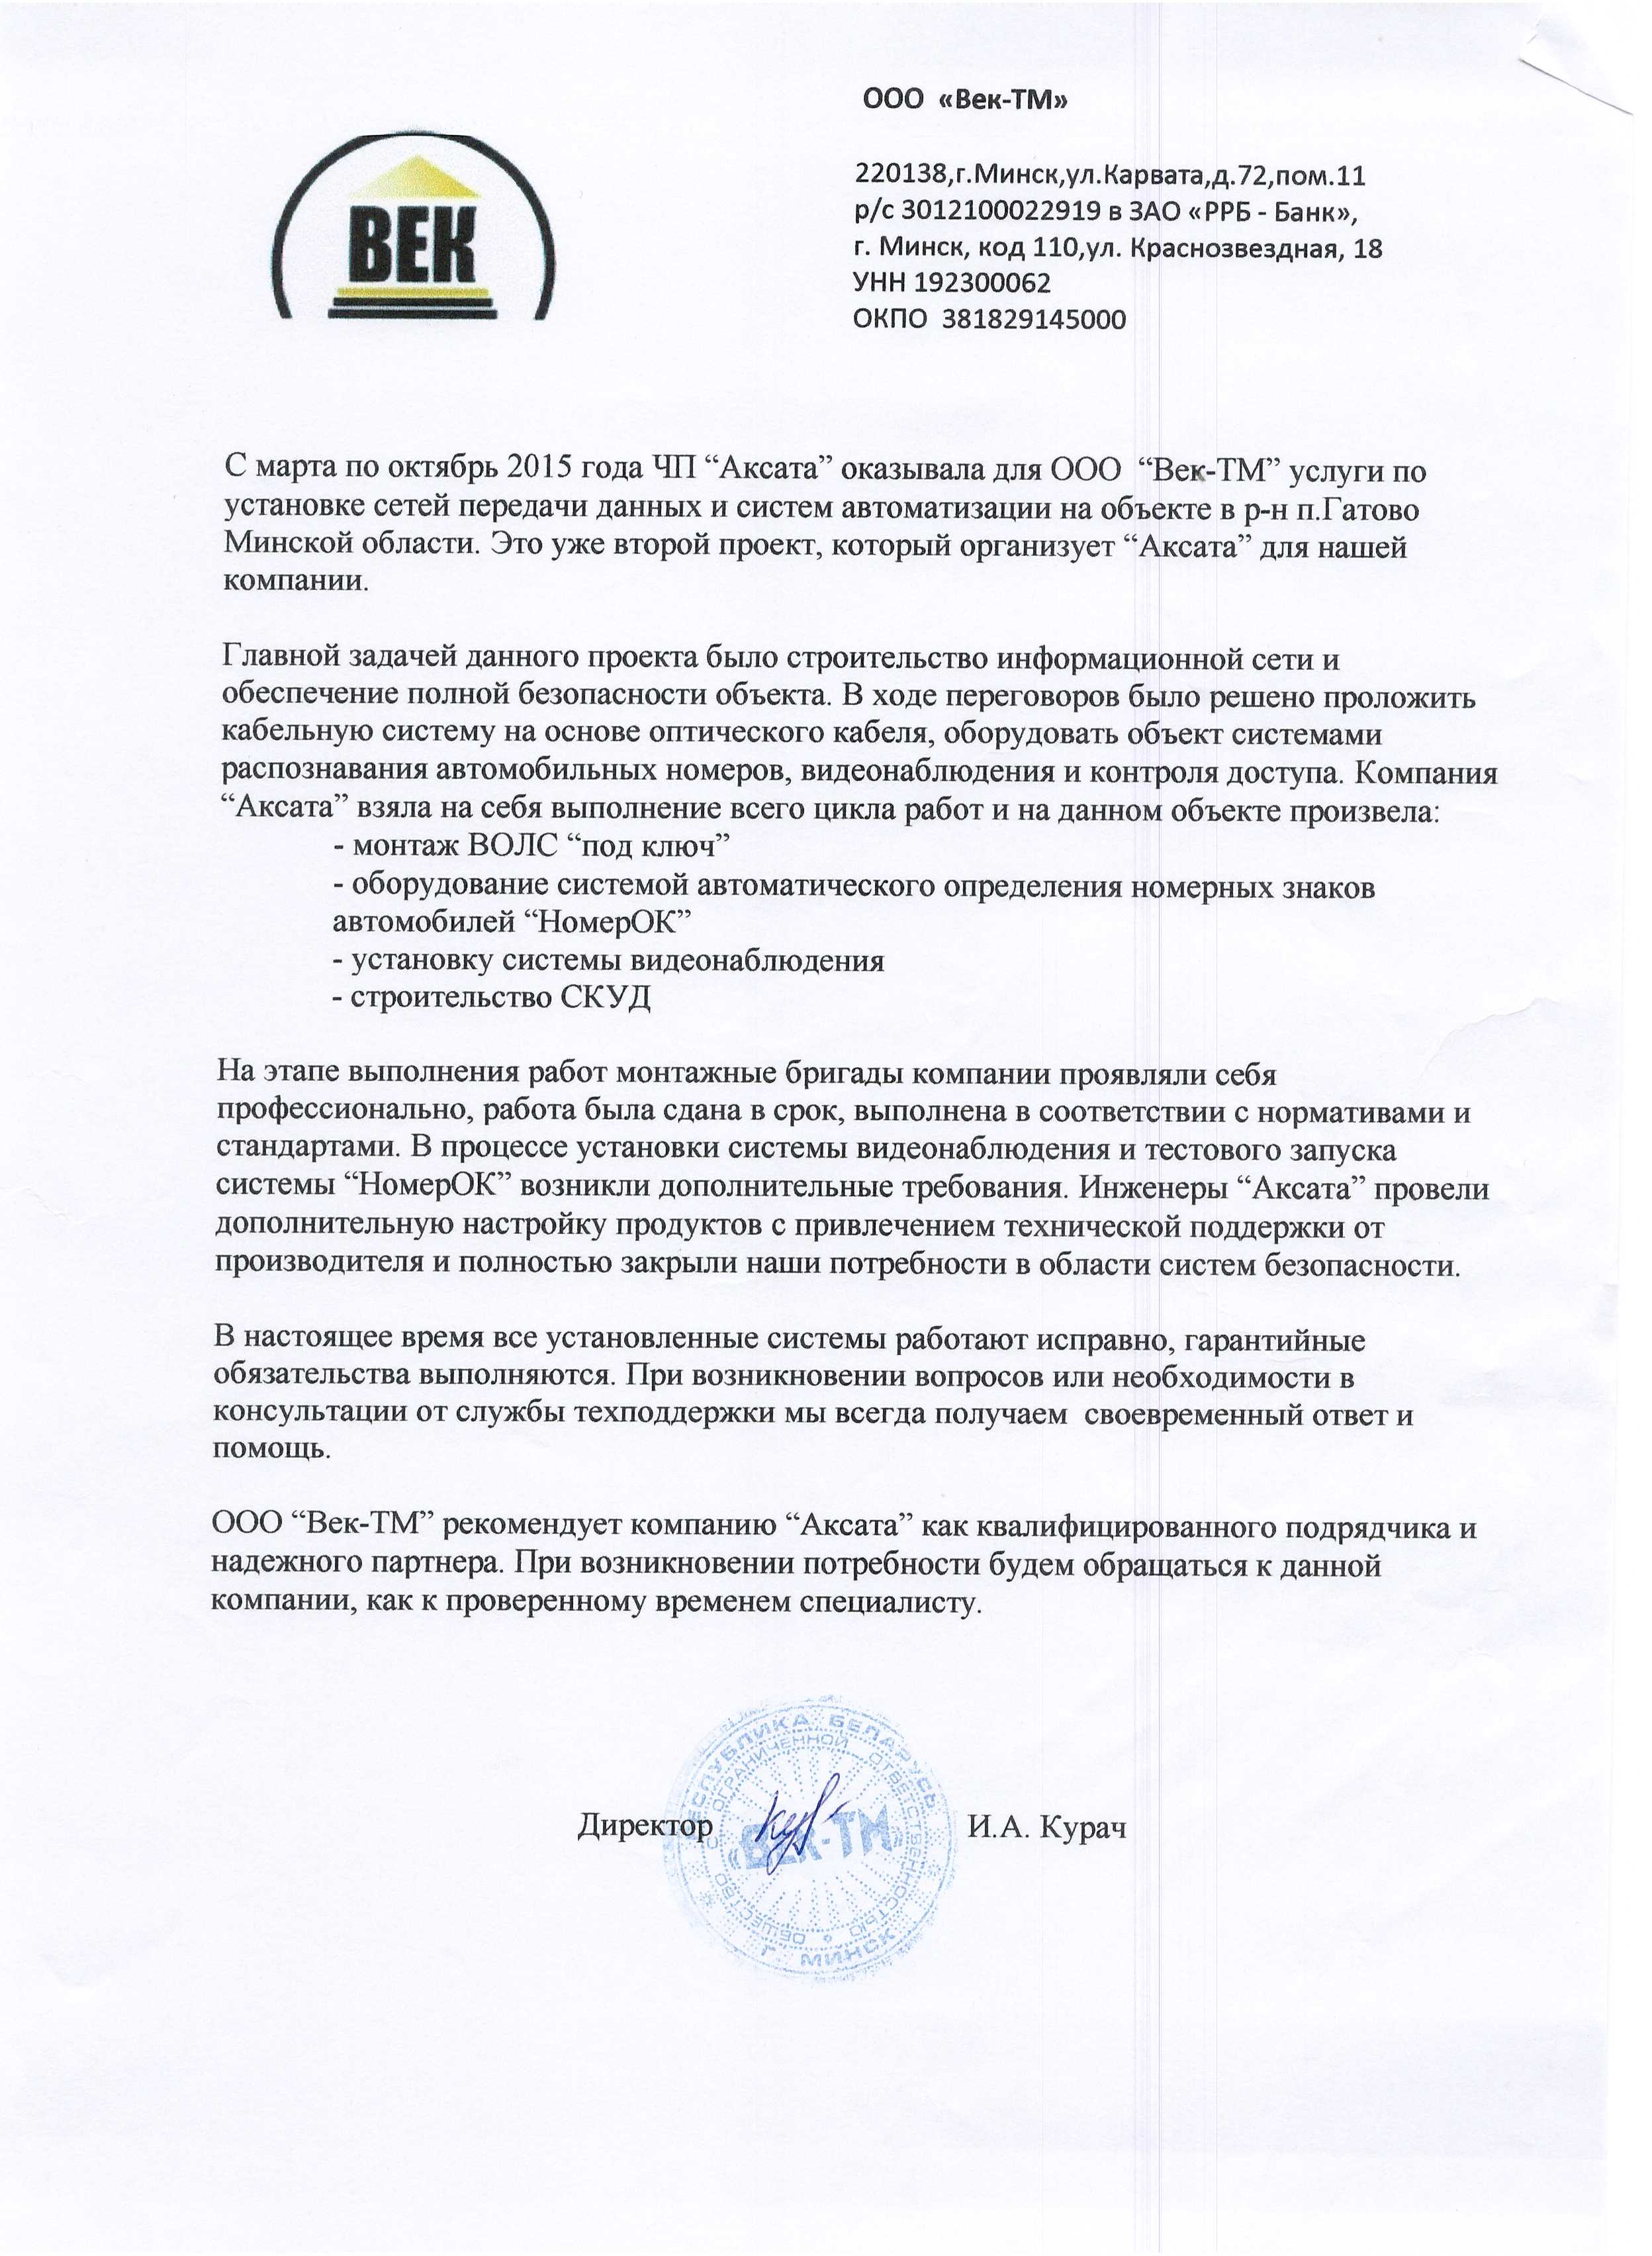 Отзыв видеонаблюдения ООО «Век-ТМ»